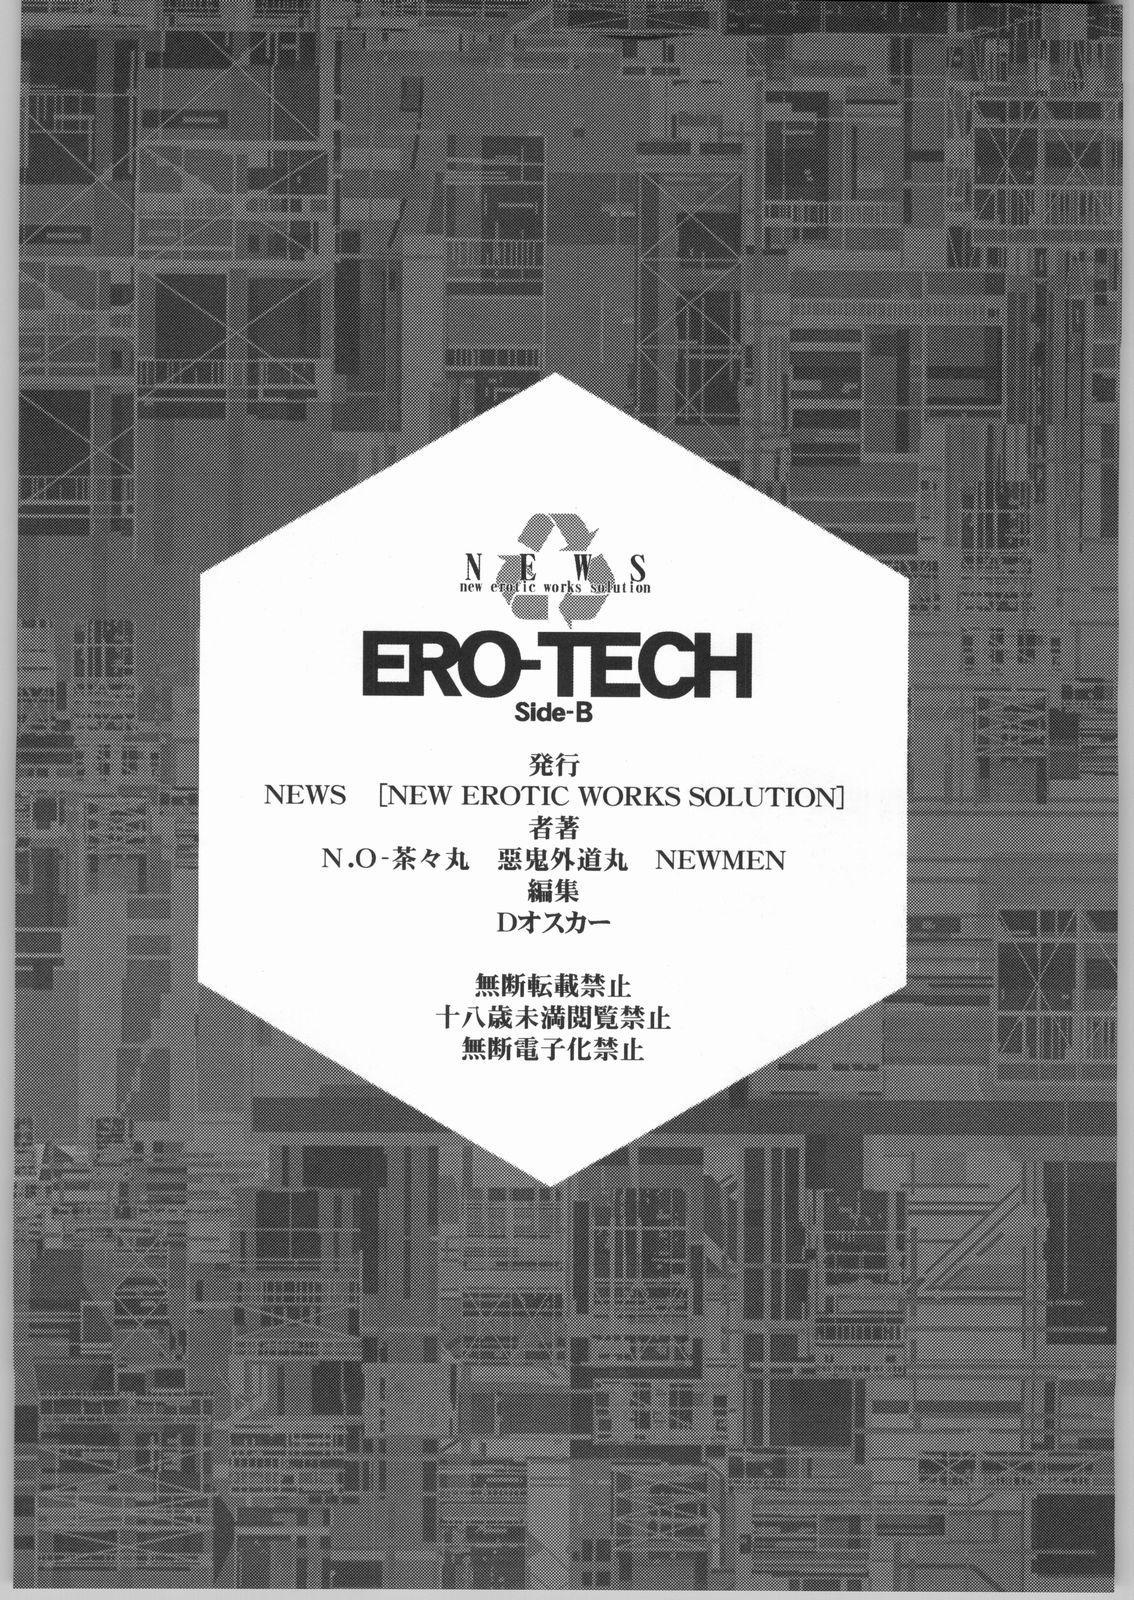 (C65) [NEWS (Akki Gedoumaru, NeWMeN, NO Chachamaru)] ERO-TECH SIDE-B 54